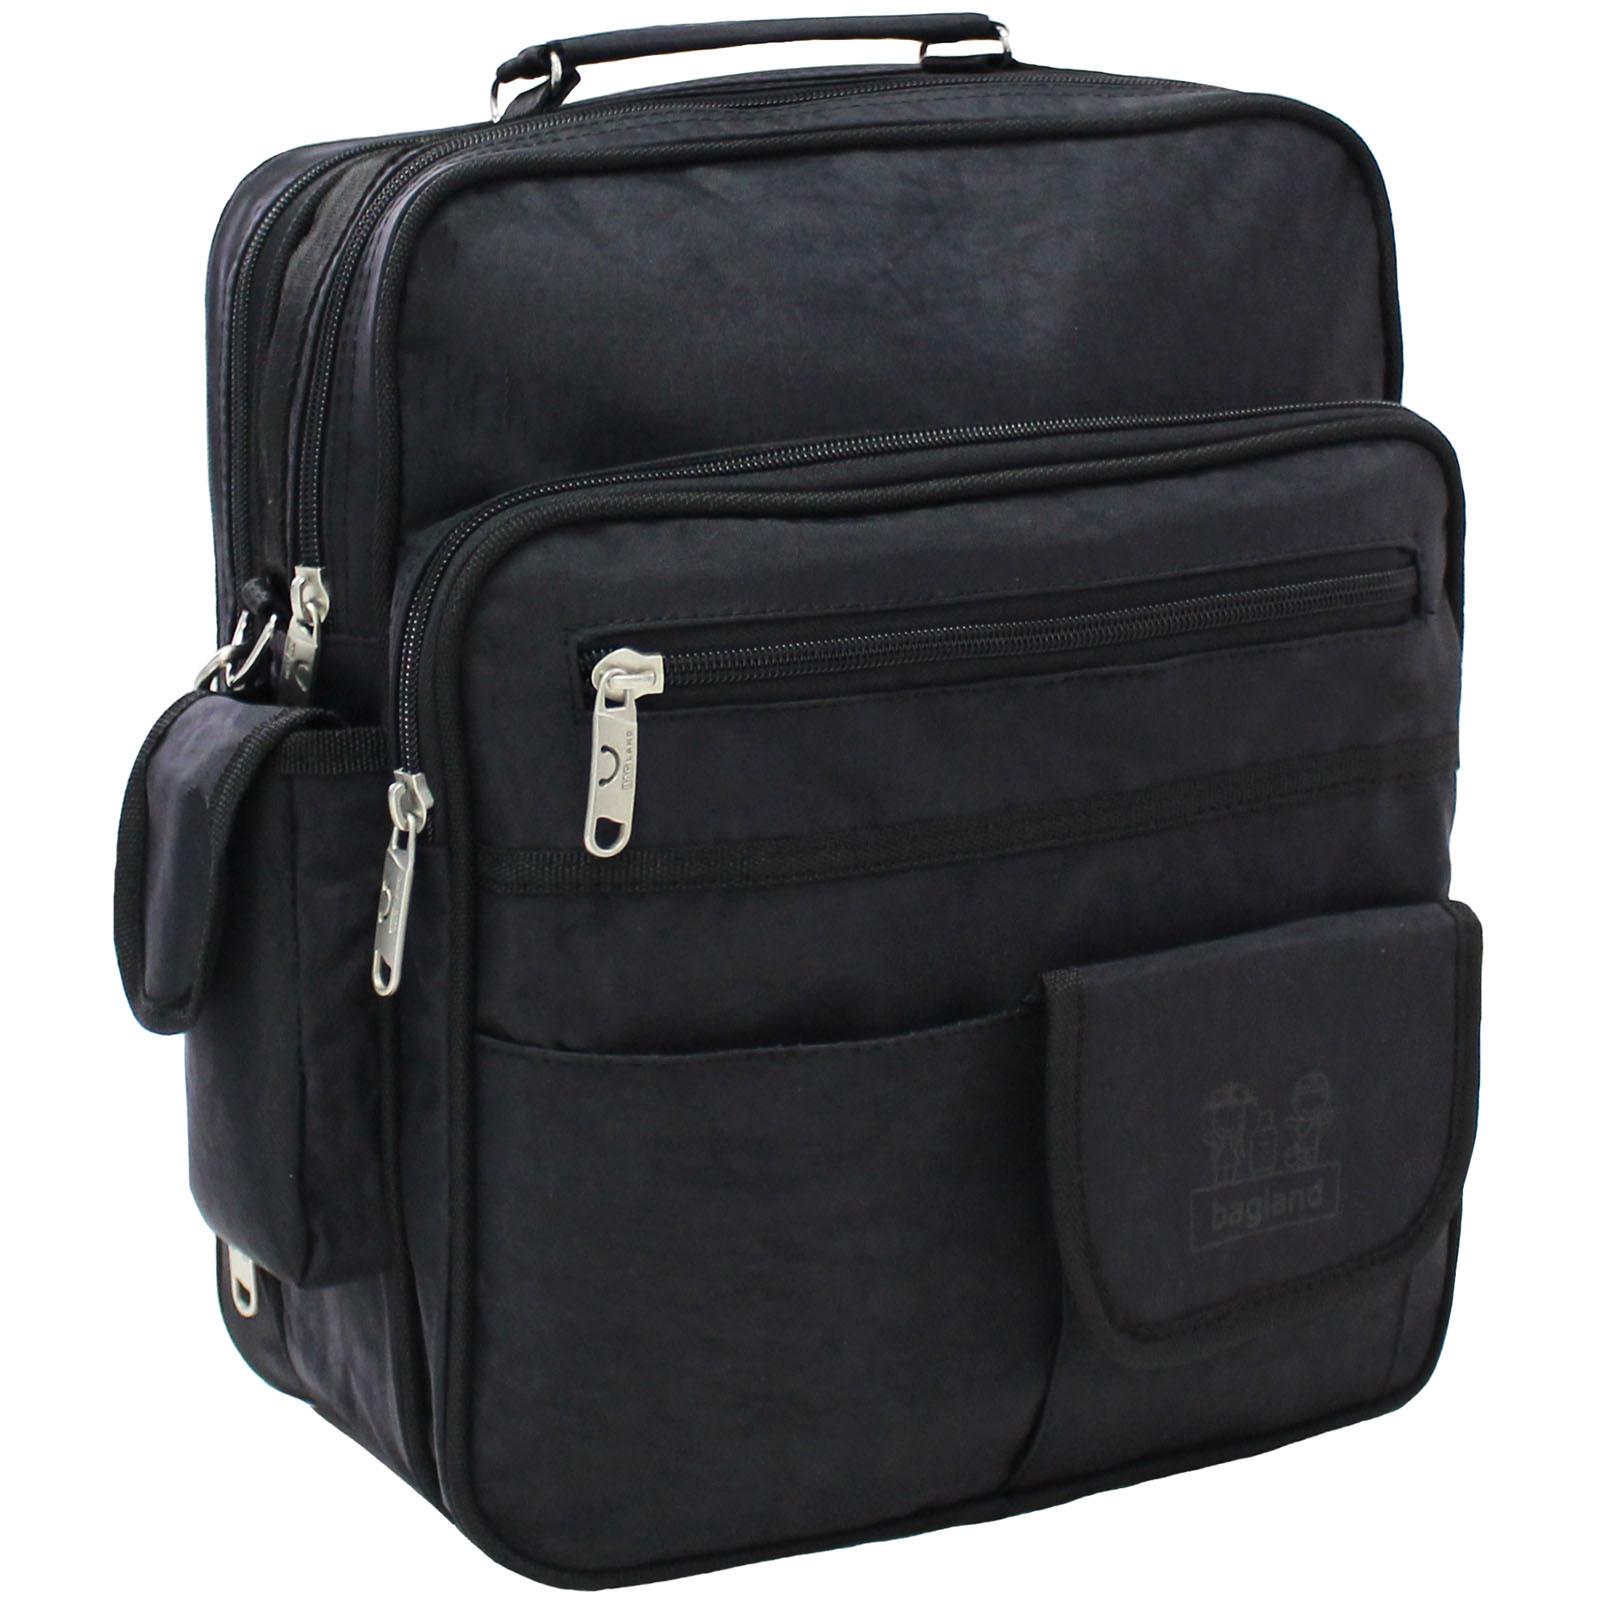 Сумки через плечо Мужская сумка Bagland Комерсант 11 л. Чёрный (0023870) IMG_6182.JPG